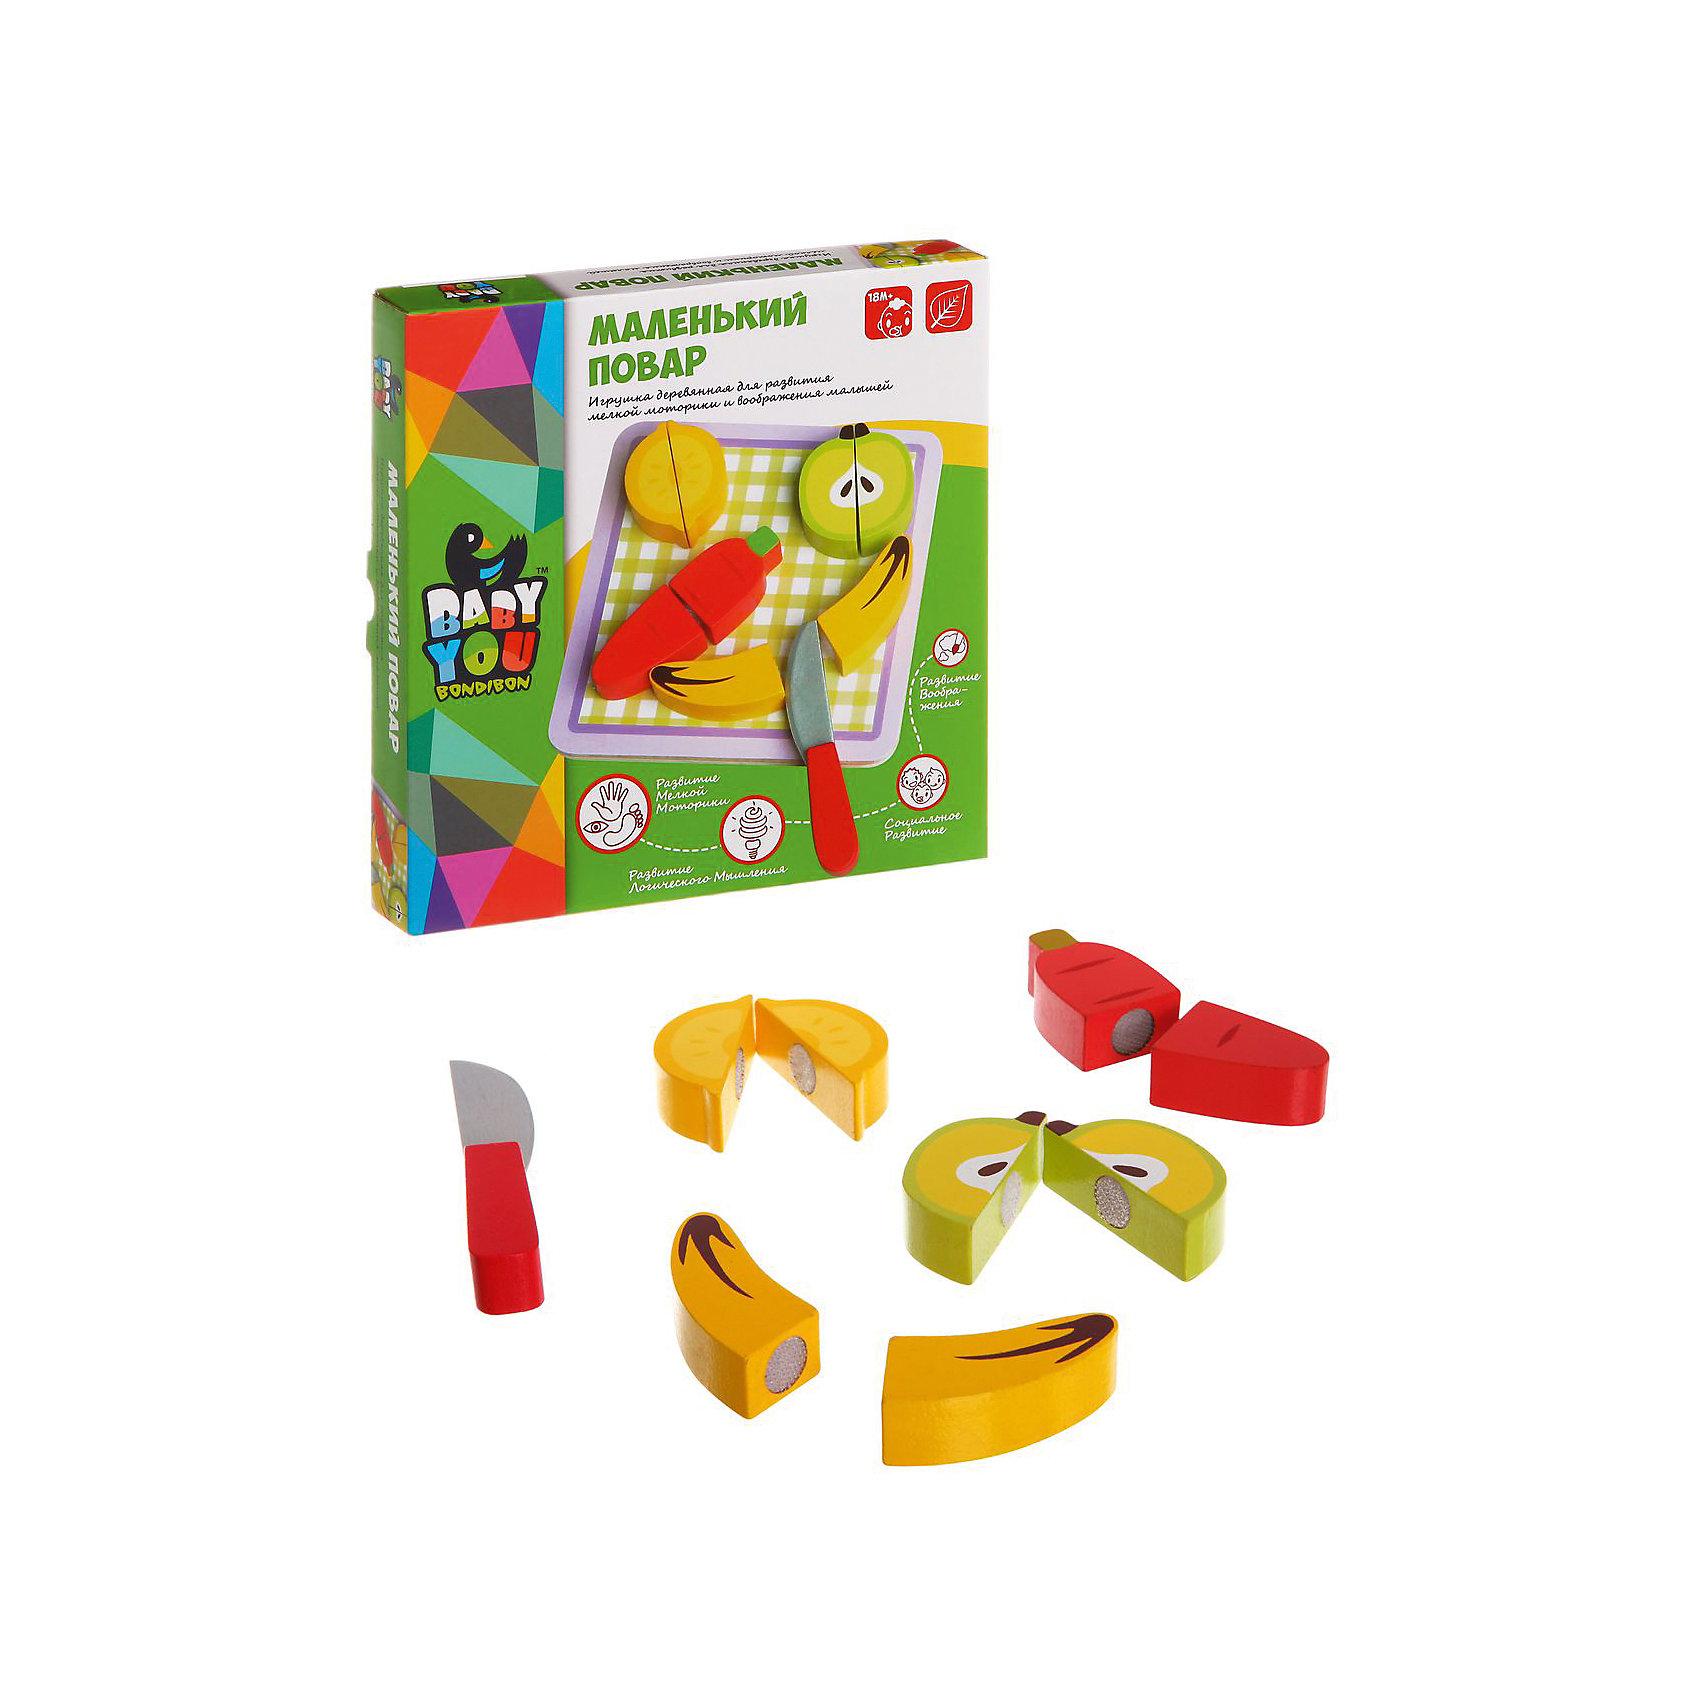 Игровой набор из дерева Маленький Повар, BondibonИгрушки для малышей<br>Маленький Повар это игровой набор, выполненный в виде различных фруктов и овощей. В комплект так же входит безопасный нож и разделочная доска. Все детали выполнены из натурального дерева и полностью безопасны для здоровья ребенка. <br><br>Дополнительная информация:<br><br>- Возраст: от 12 месяцев<br>- В комплекте: деревянные фигурки в виде продуктов, деревянный нож, разделочная доска<br>- Материал: дерево<br>- Размер упаковки: 20х4х20 см<br>- Вес: 0.2 кг<br><br>Игровой набор из дерева Маленький Повар, Bondibon можно купить в нашем интернет-магазине.<br><br>Ширина мм: 200<br>Глубина мм: 40<br>Высота мм: 200<br>Вес г: 242<br>Возраст от месяцев: 180<br>Возраст до месяцев: 36<br>Пол: Унисекс<br>Возраст: Детский<br>SKU: 4864519